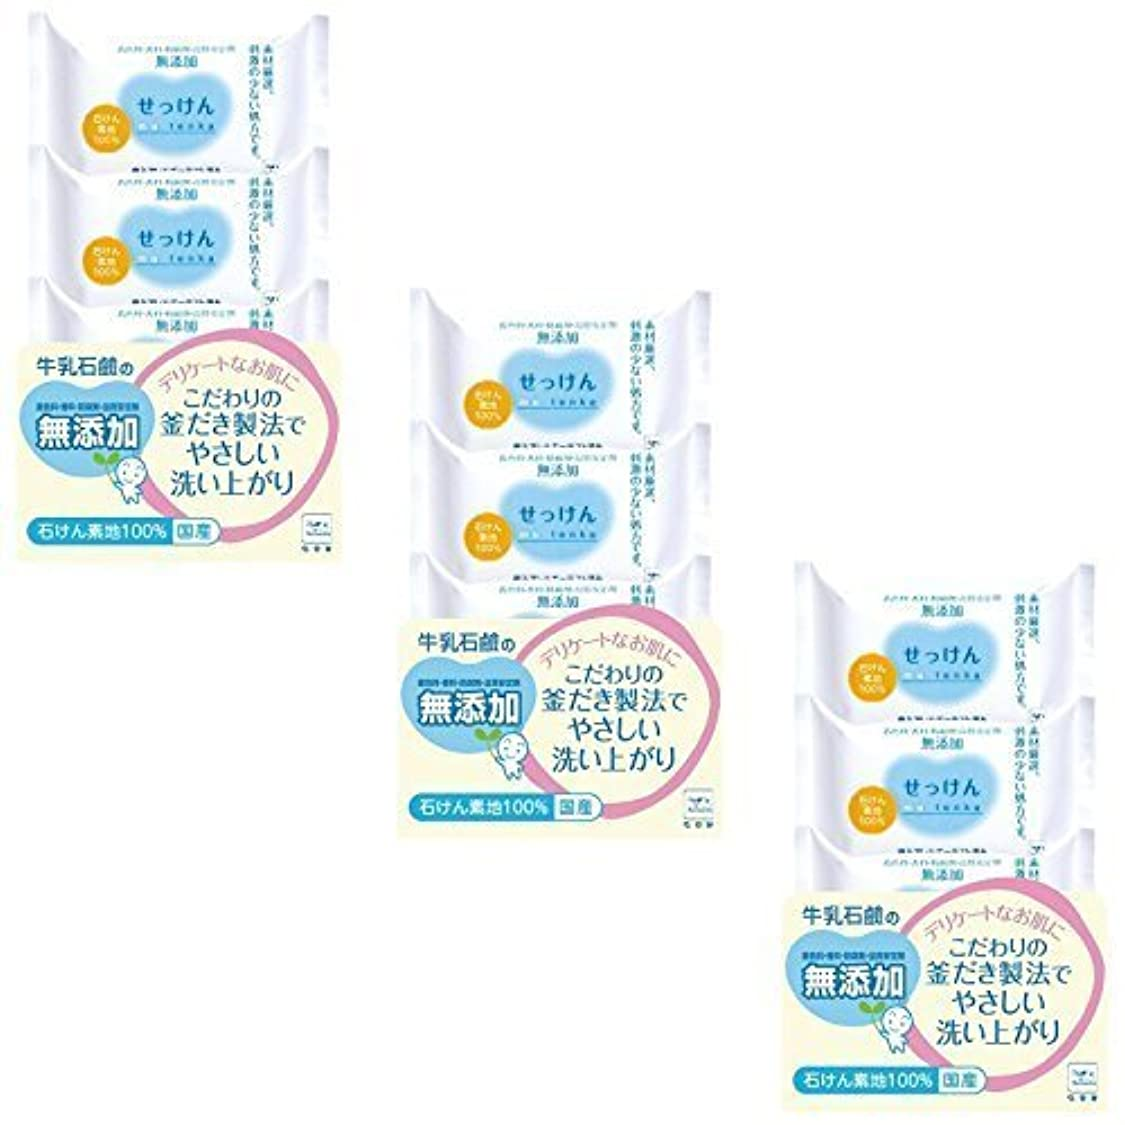 豆優雅なパラシュート【まとめ買い】カウブランド無添加せっけん3個パック(100g×3個)【×3セット】